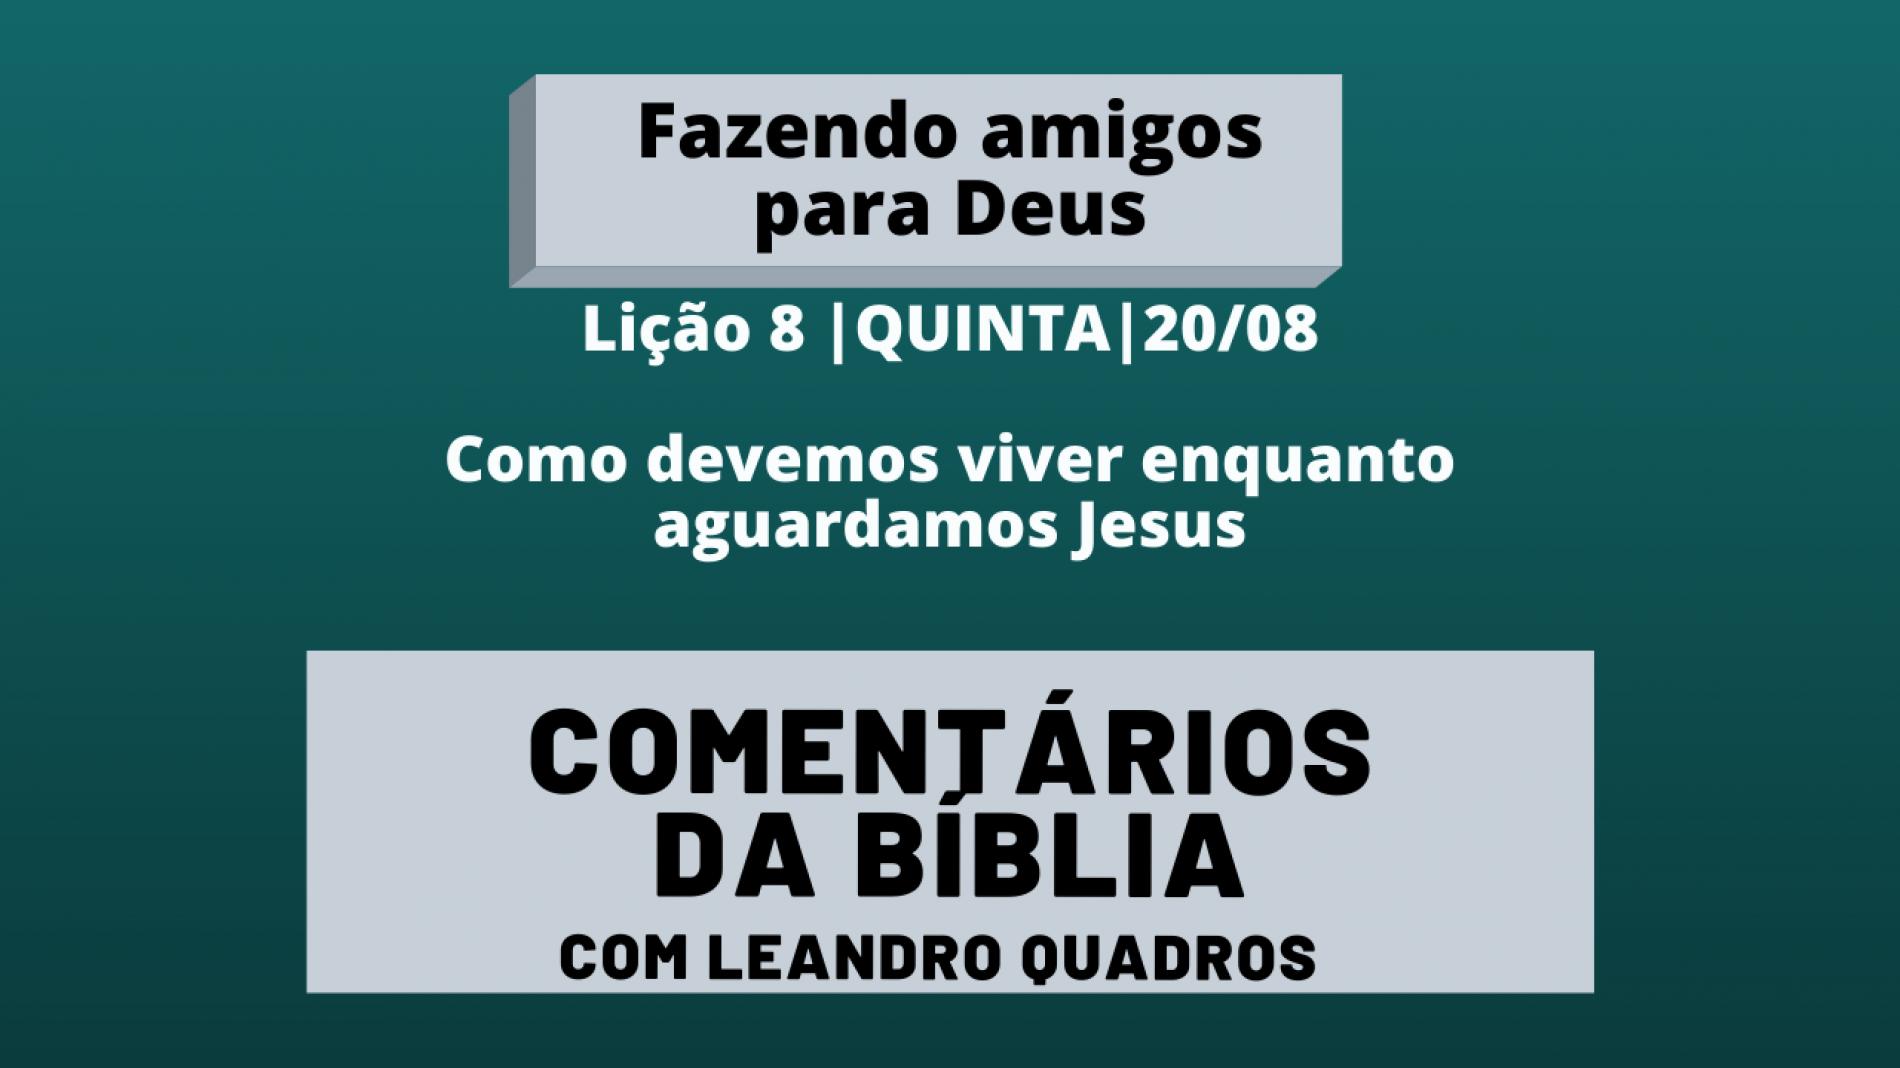 Quinta | 20/08| Como devemos viver enquanto aguardamos Jesus